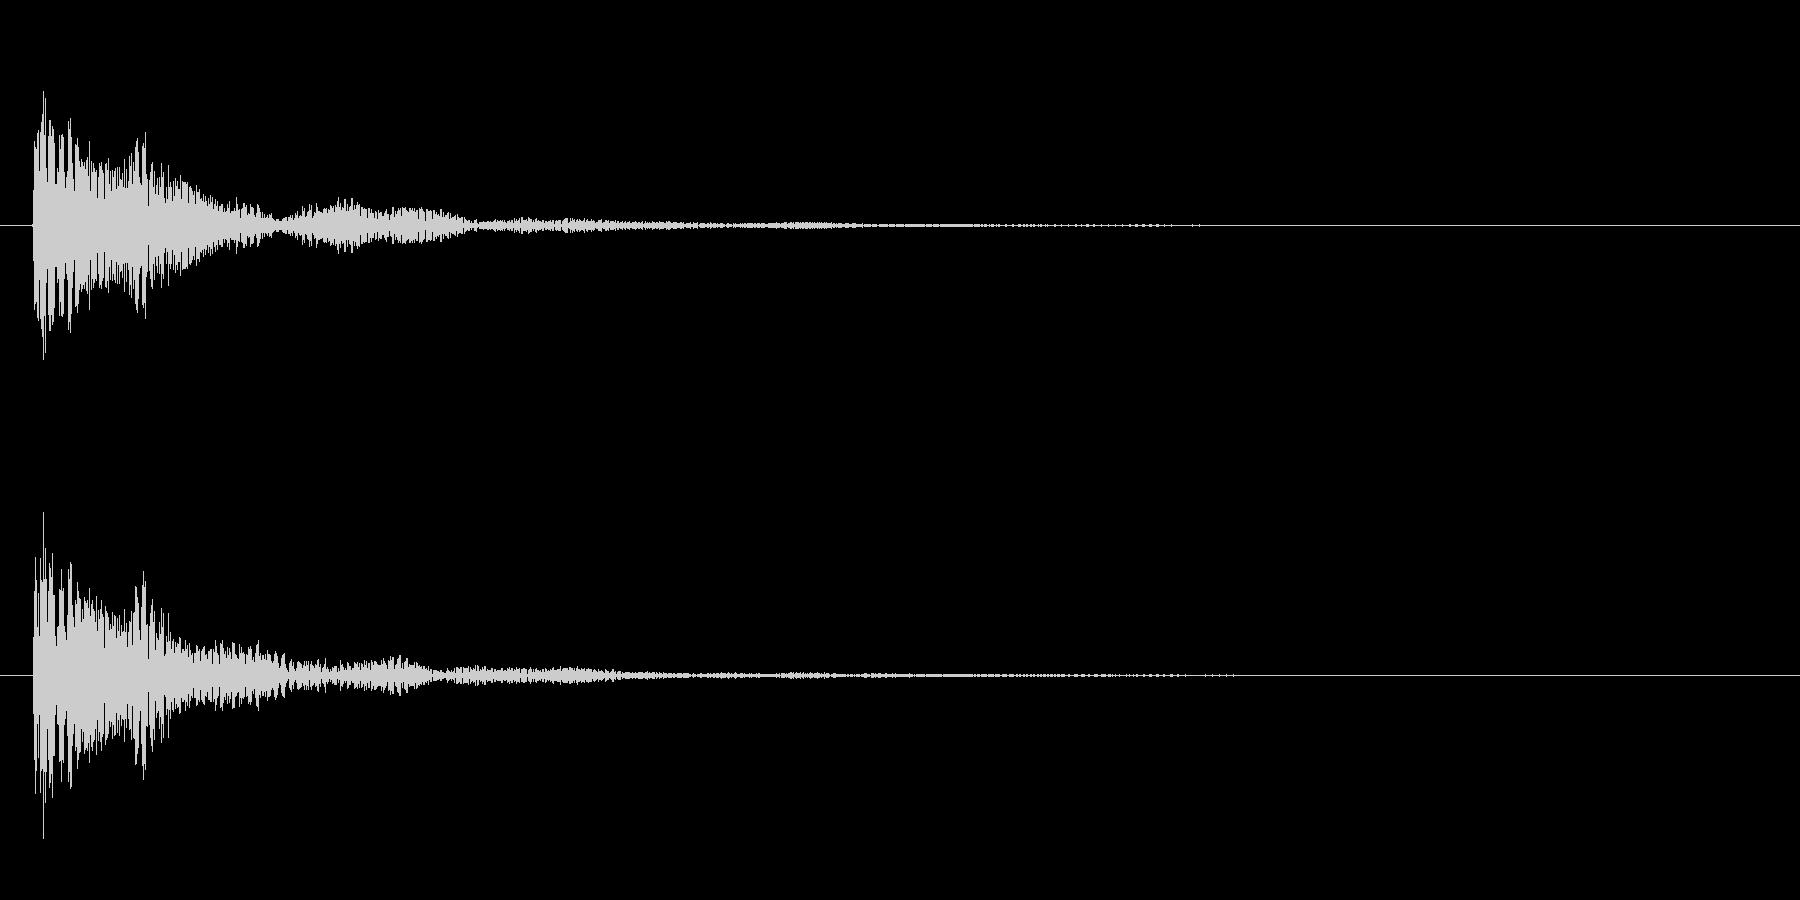 ドドン!という太鼓を叩く音の効果音SE…の未再生の波形